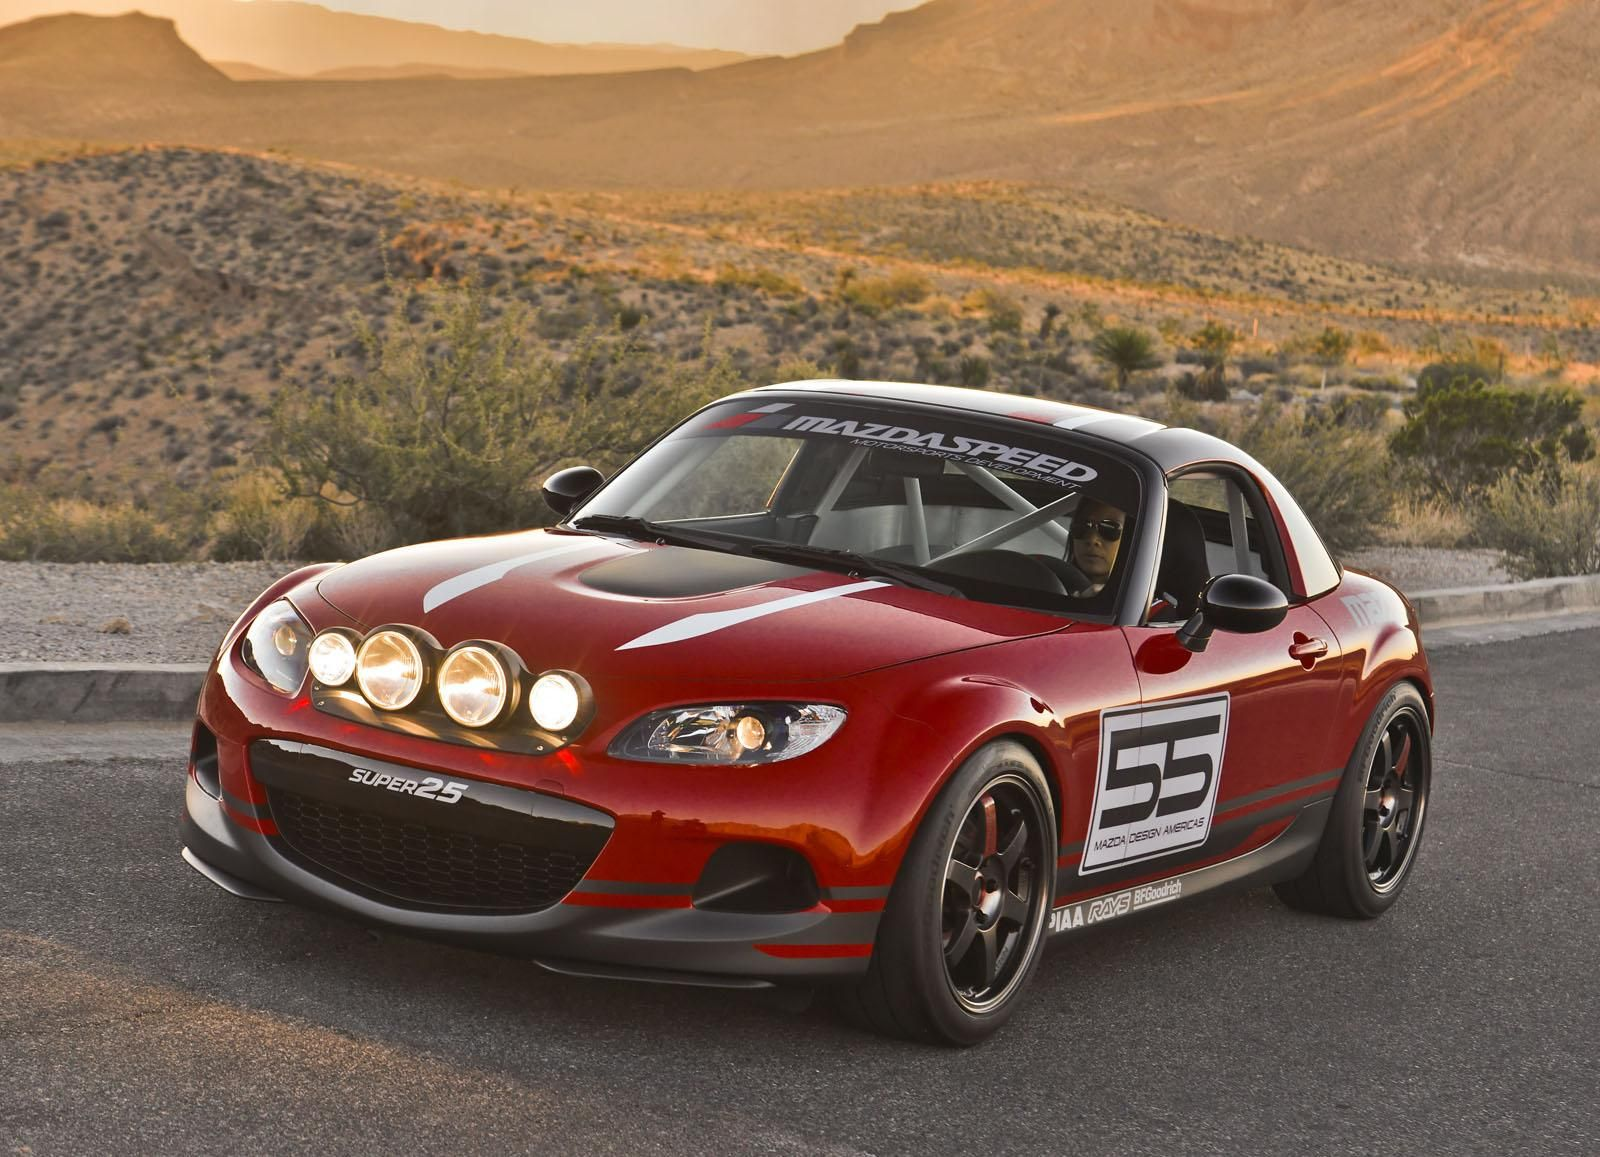 Mazda MX-5 Super25 Concept 2